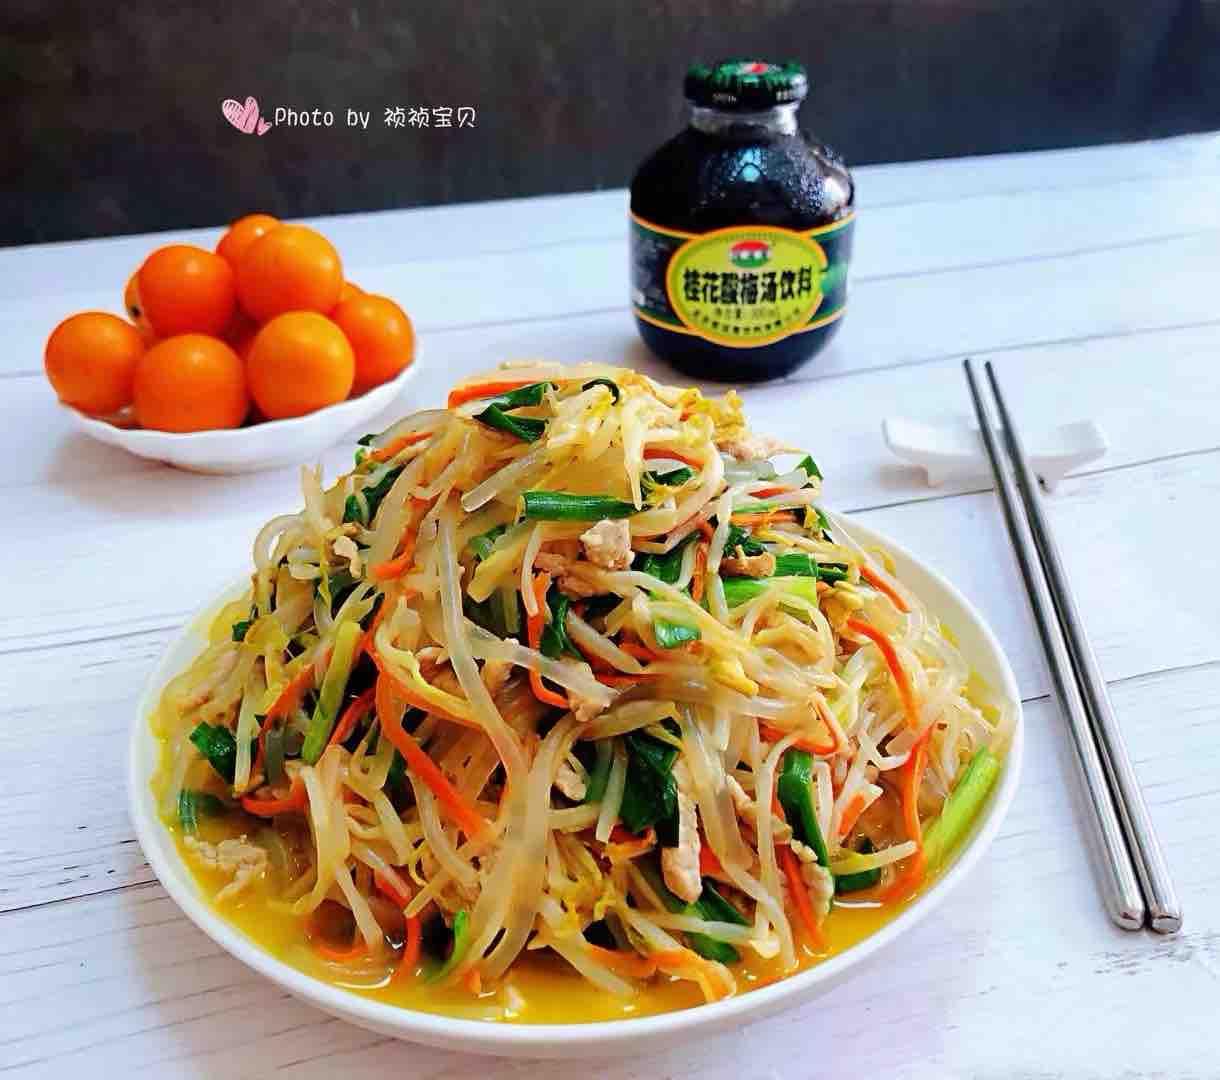 韭菜粉条炒豆芽怎样煮